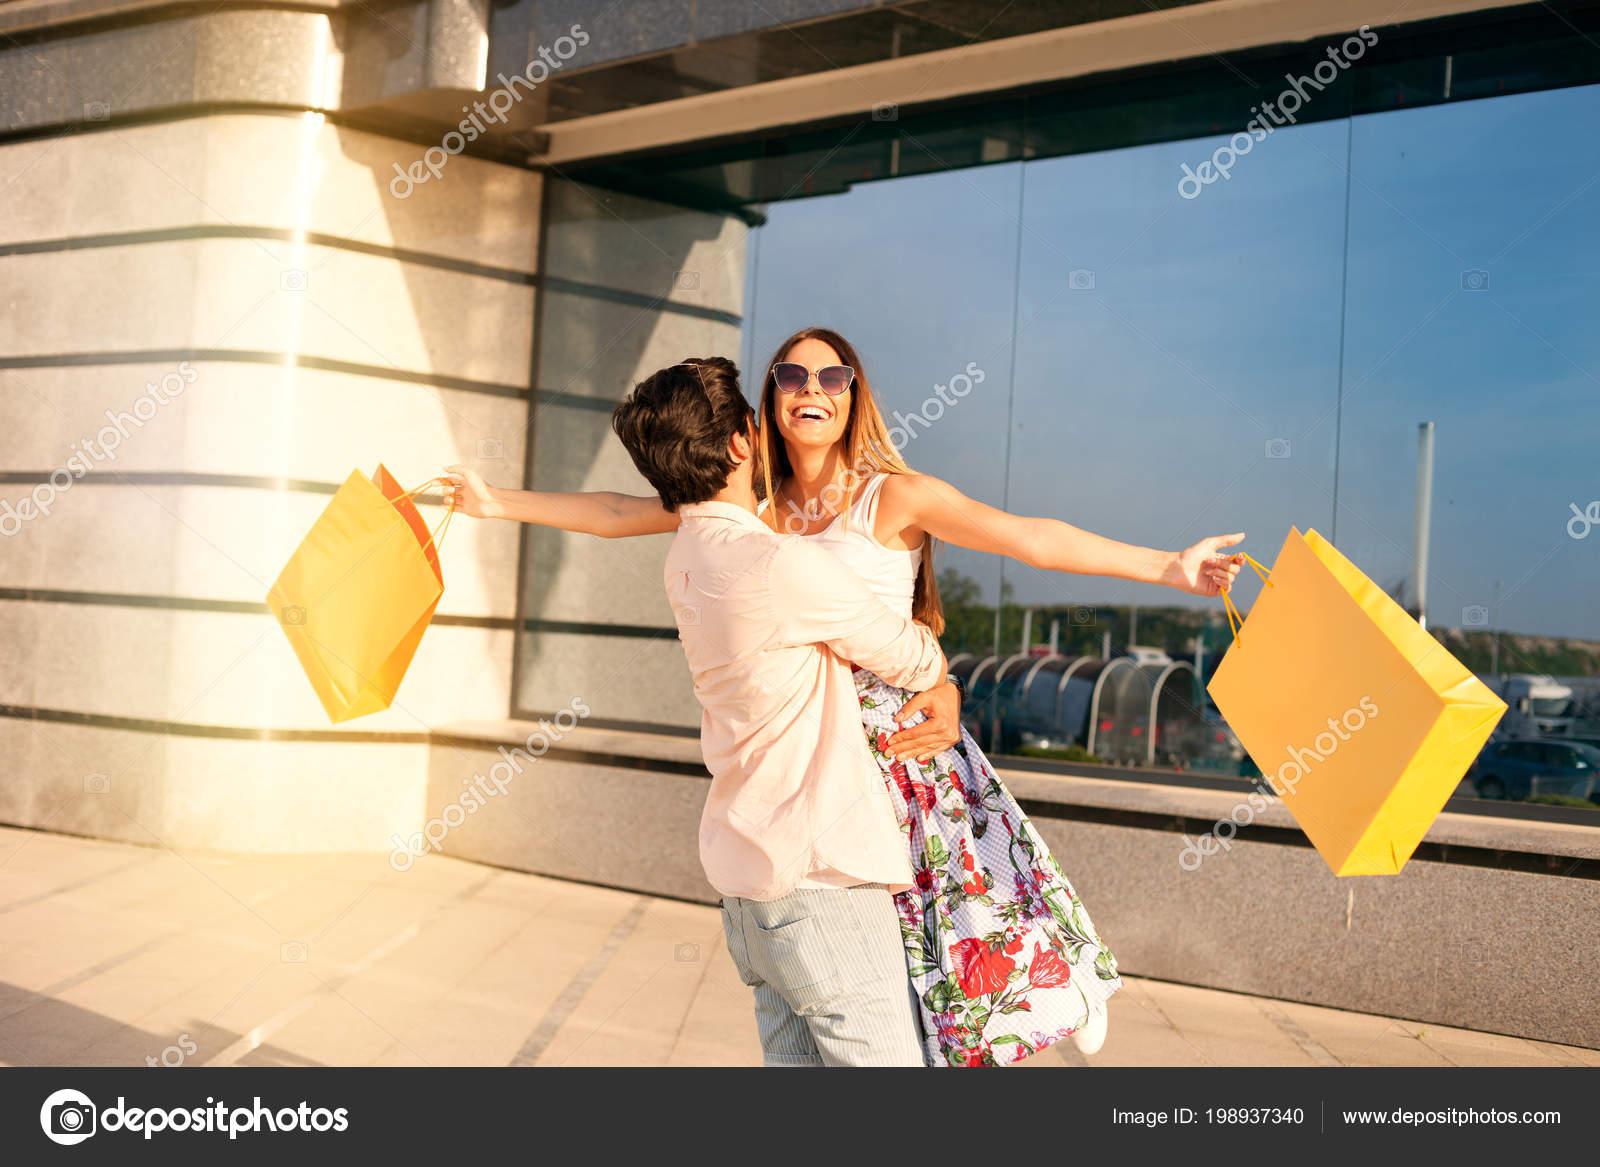 5c19107fc8c0c Divertido Compra Time Jovem Casal Adorável Feliz Depois Uma Compra —  Fotografia de Stock